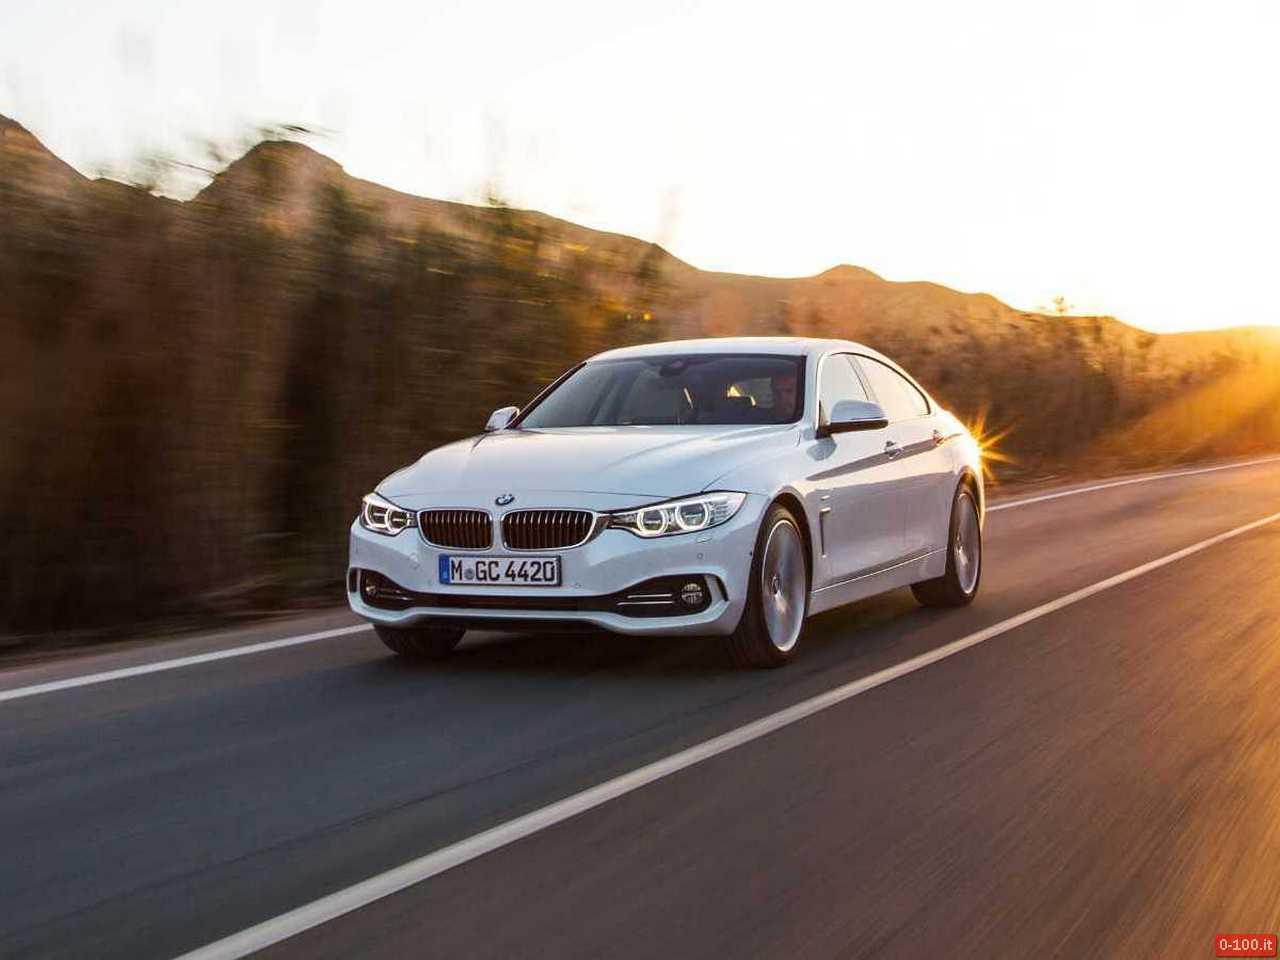 bmw-serie-4-gran-coupe-prezzo-price-ginevra-geneve-2014-0-100_96